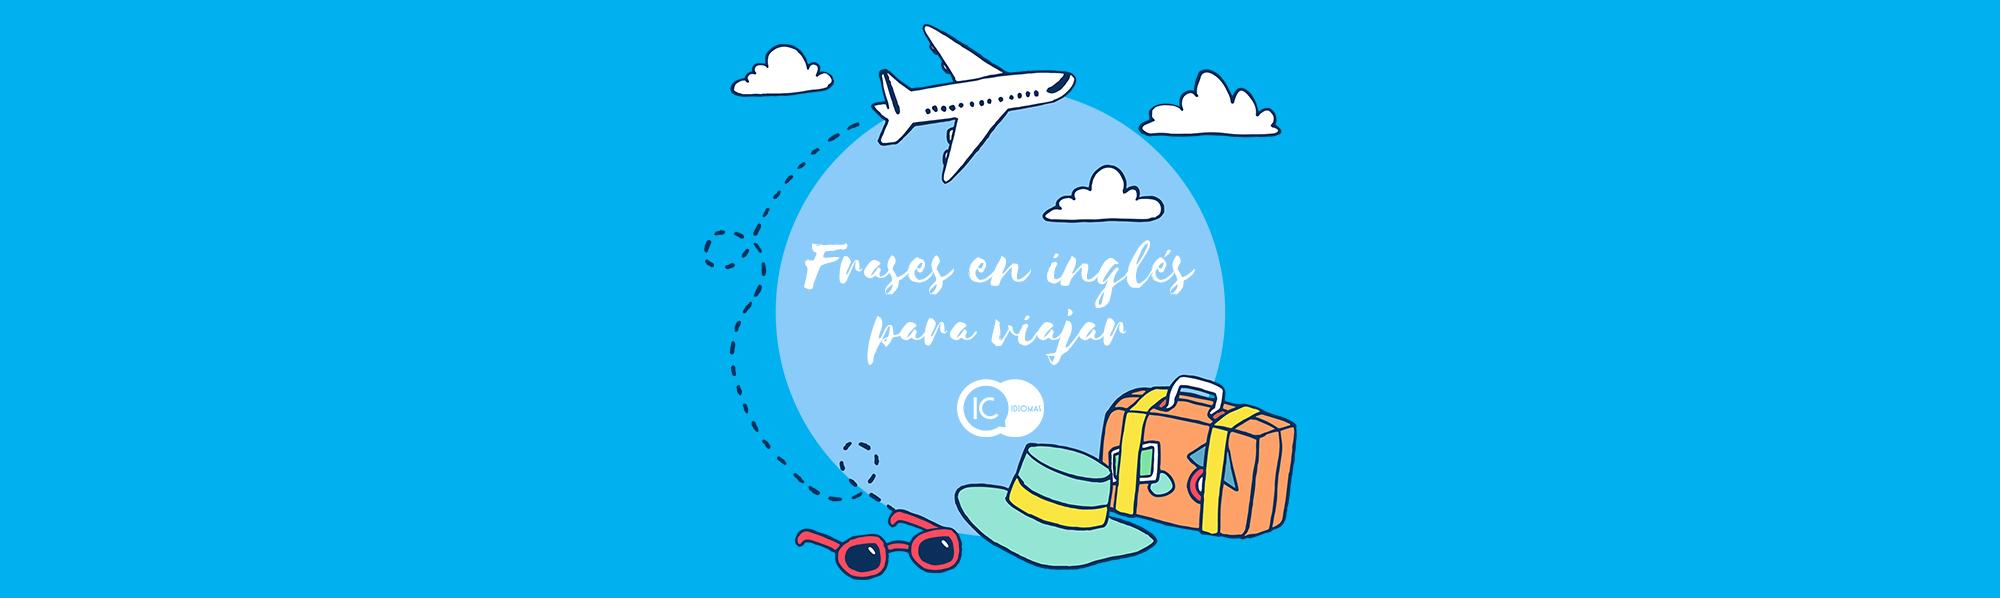 Travel Vocabulary Vocabulario Para Viajar En Inglés Frases